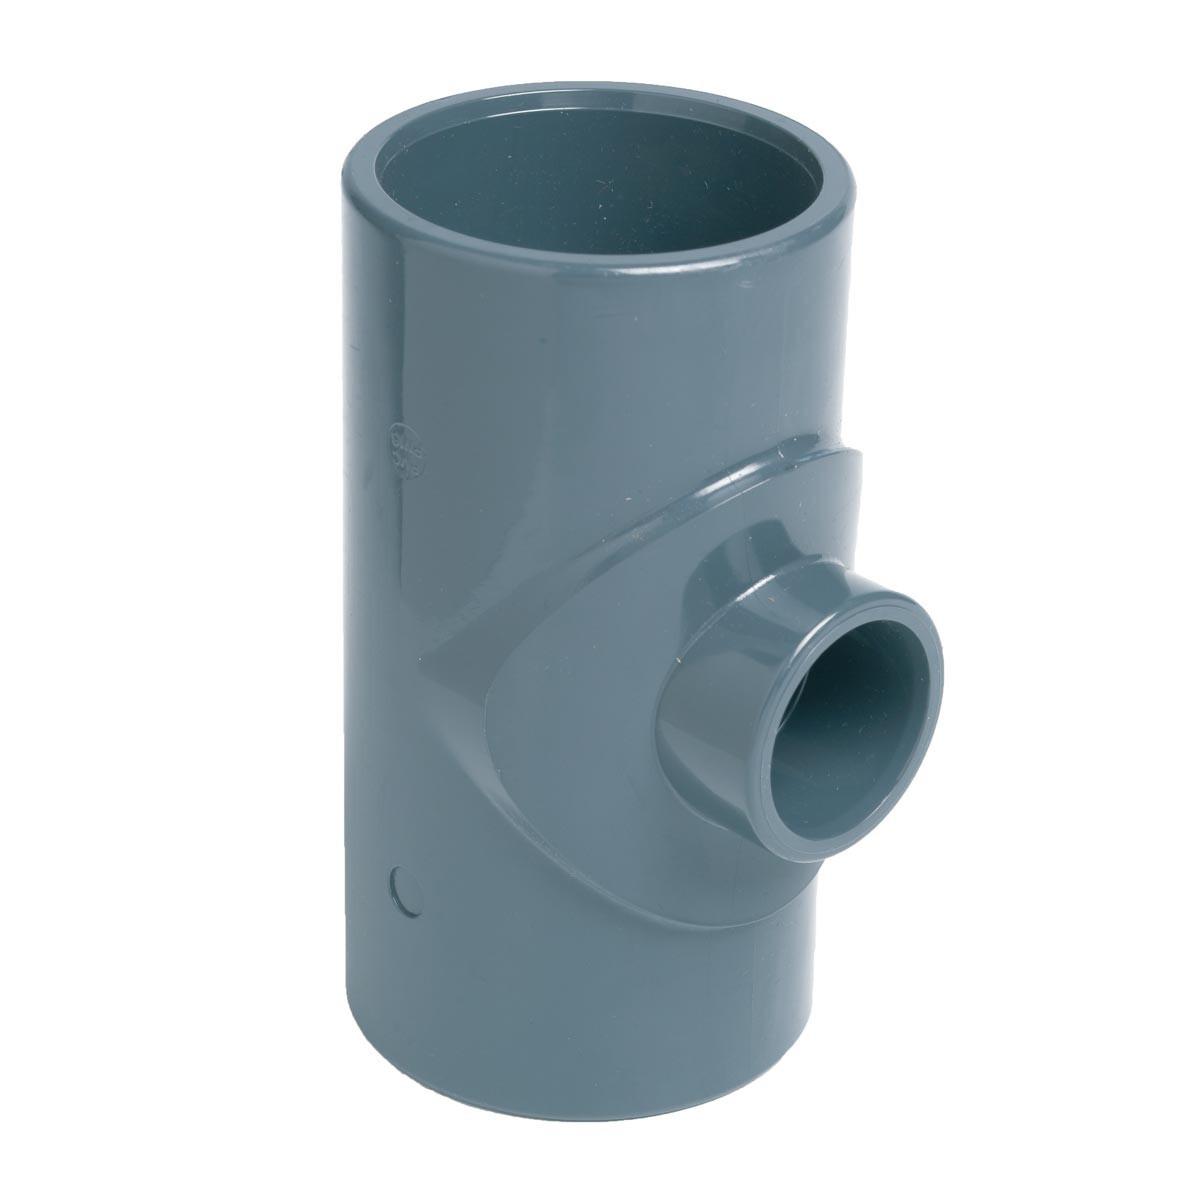 Тройник клеевой 90° редукционный EFFAST d75x63 мм (RDRTRD075G)